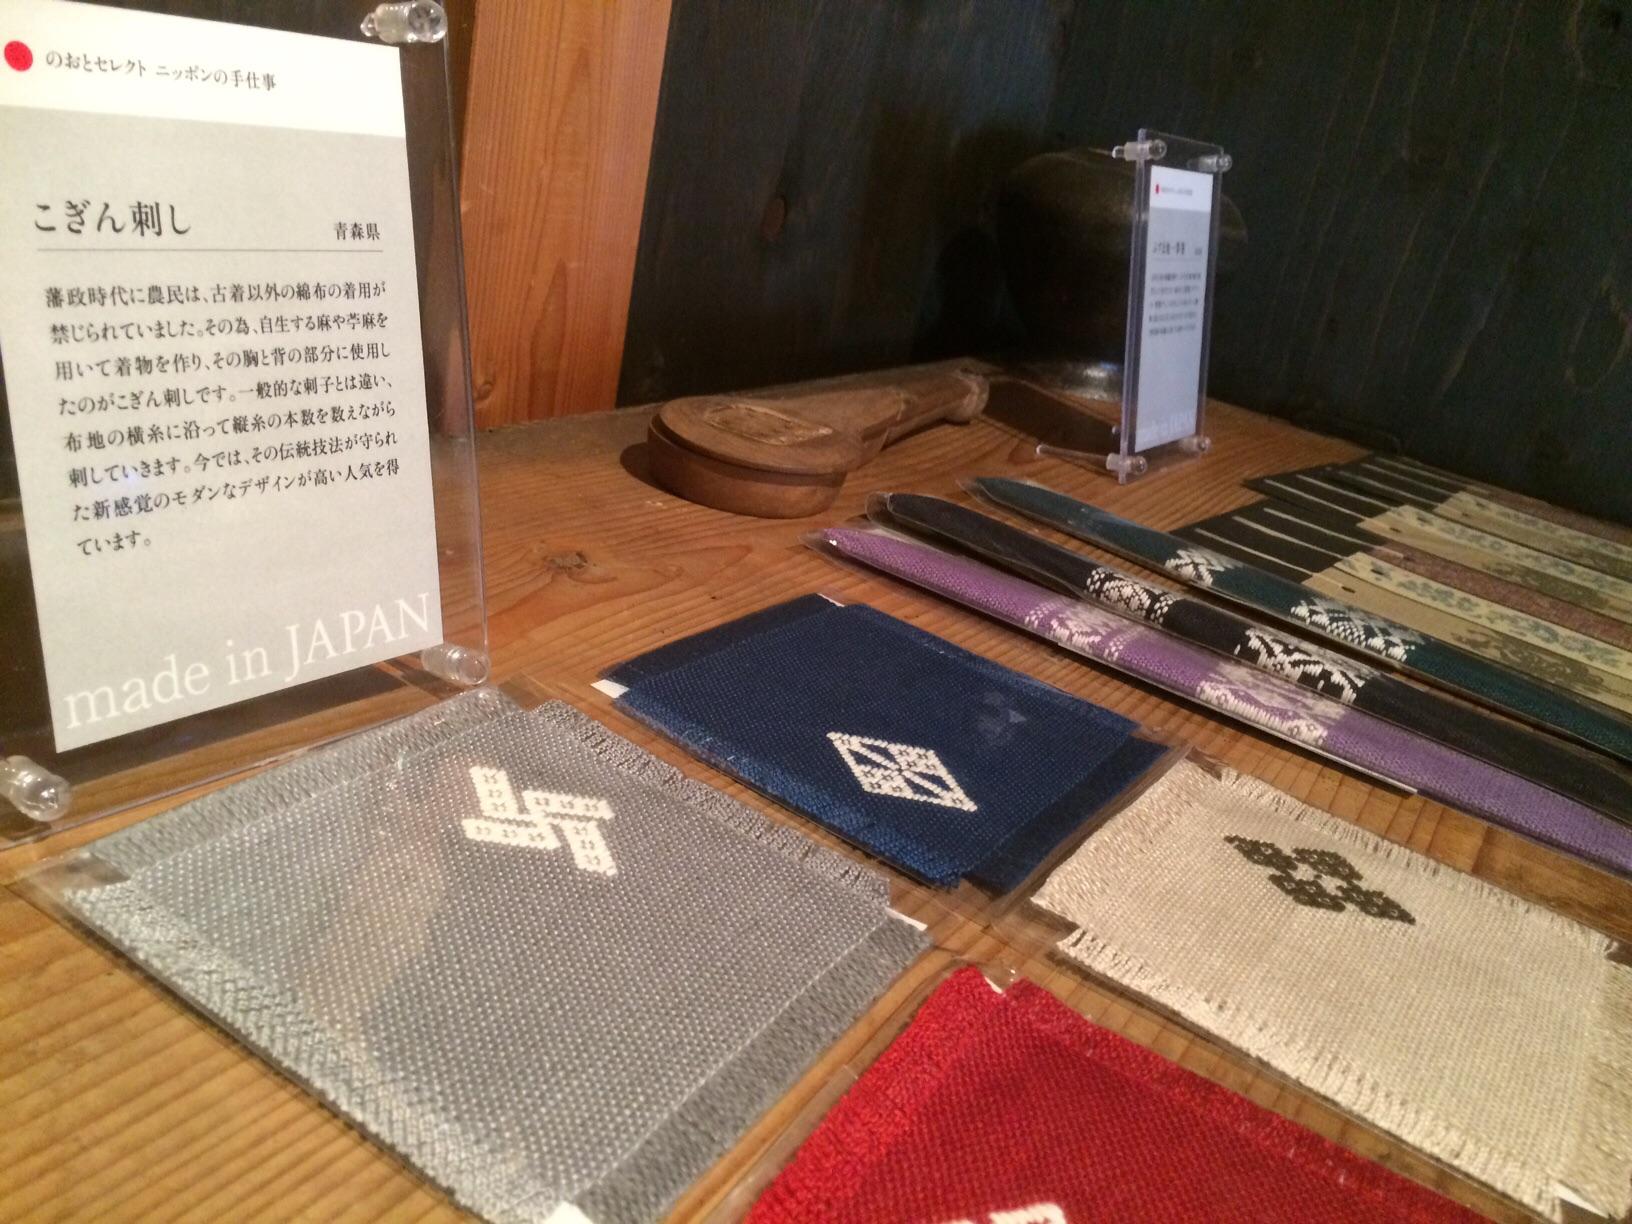 ニッポンの手仕事 生活雑貨が美しく並んでいました